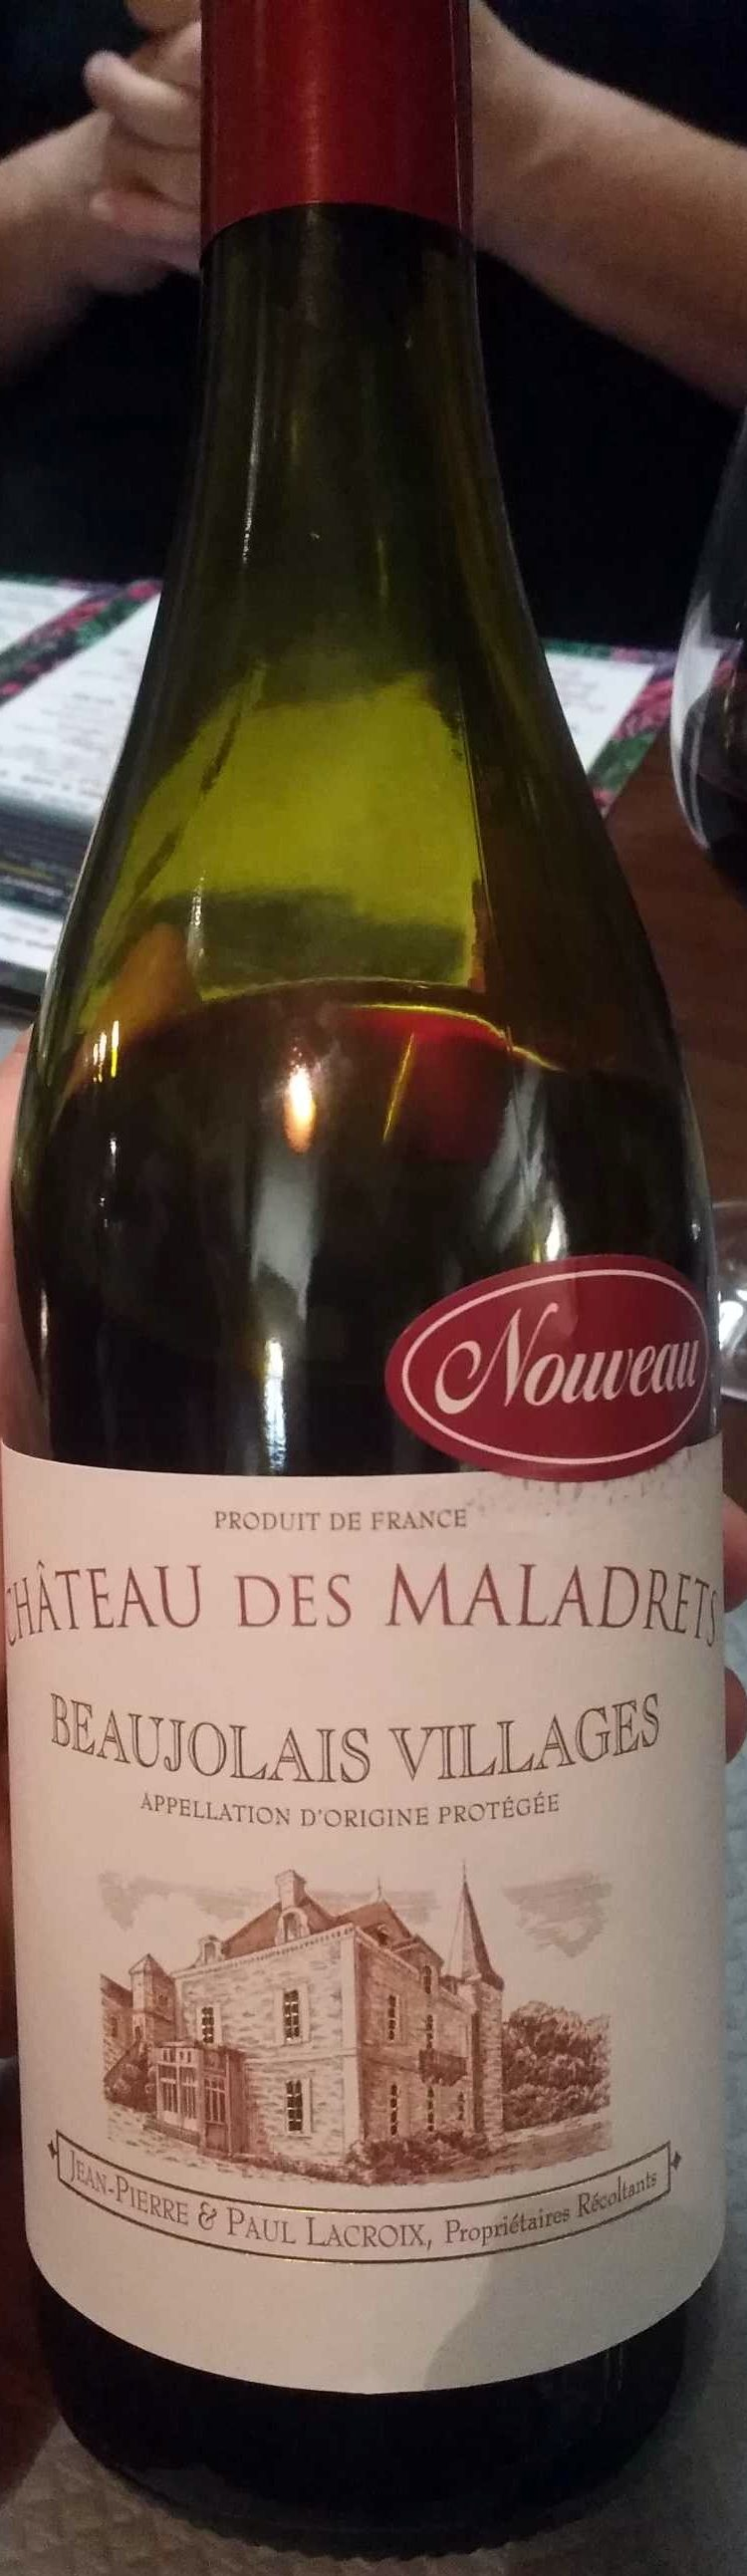 Beaujolais Villages 2017 - Produit